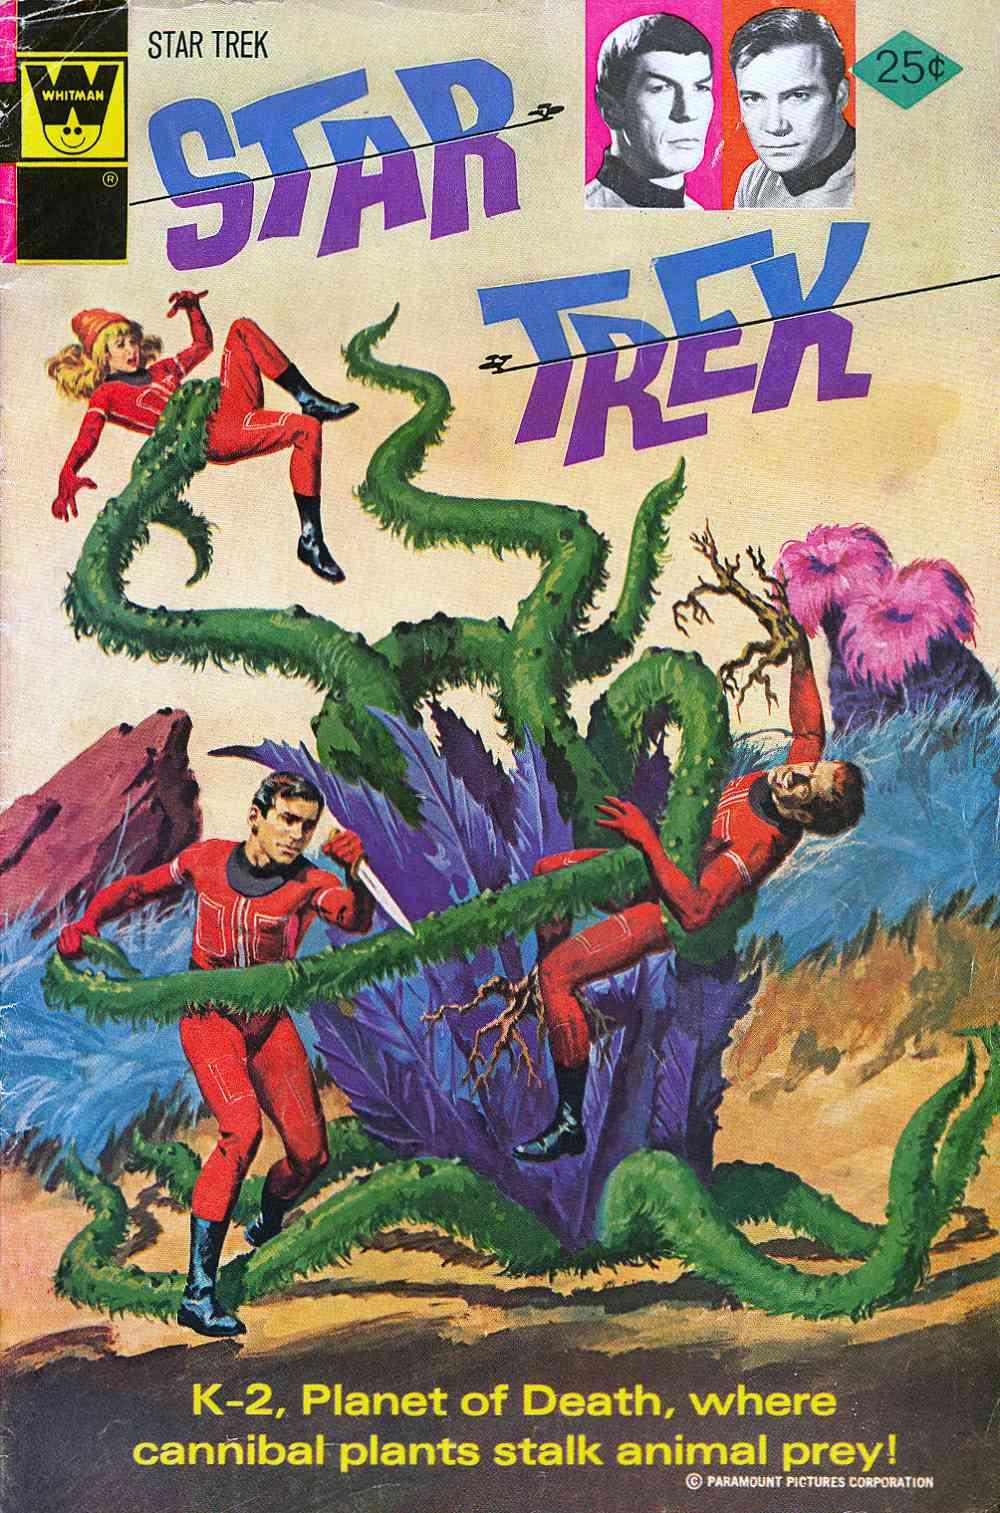 Star Trek (1967) issue 29 - Page 1